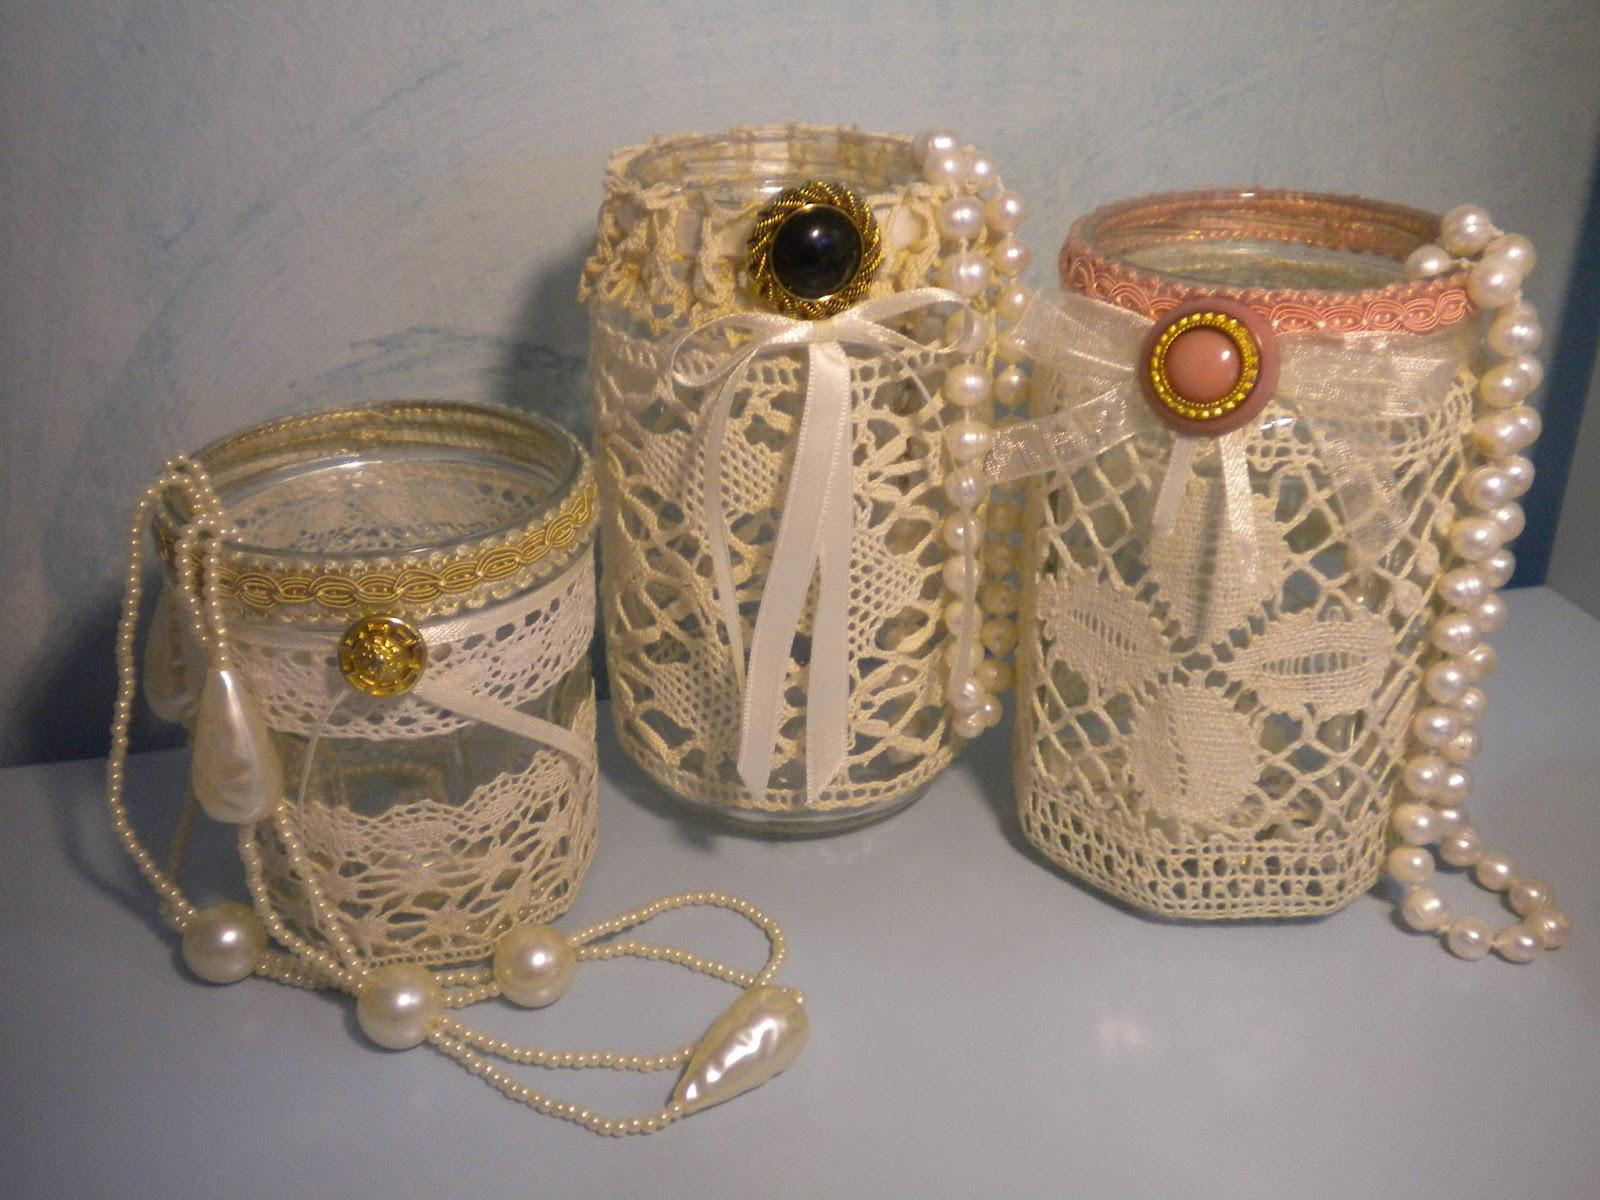 Ambradoro cose con l 39 anima buon 2013 - Vasetti di vetro decorati ...